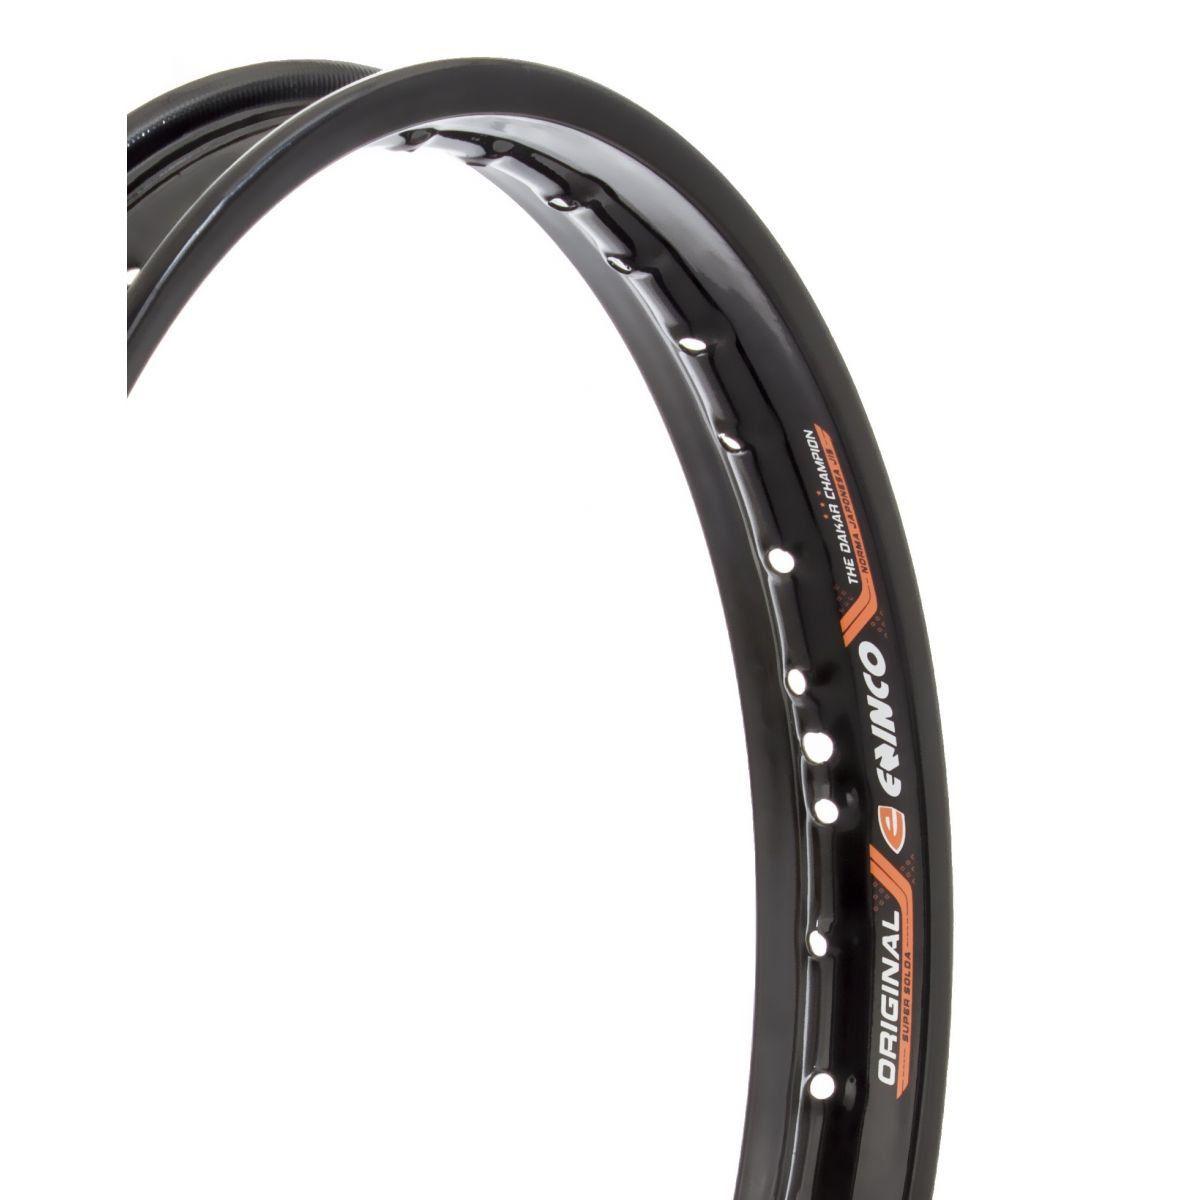 Aro de Moto Traseiro Yamaha Crypton - 1.40 X 17 - Preto - Eninco